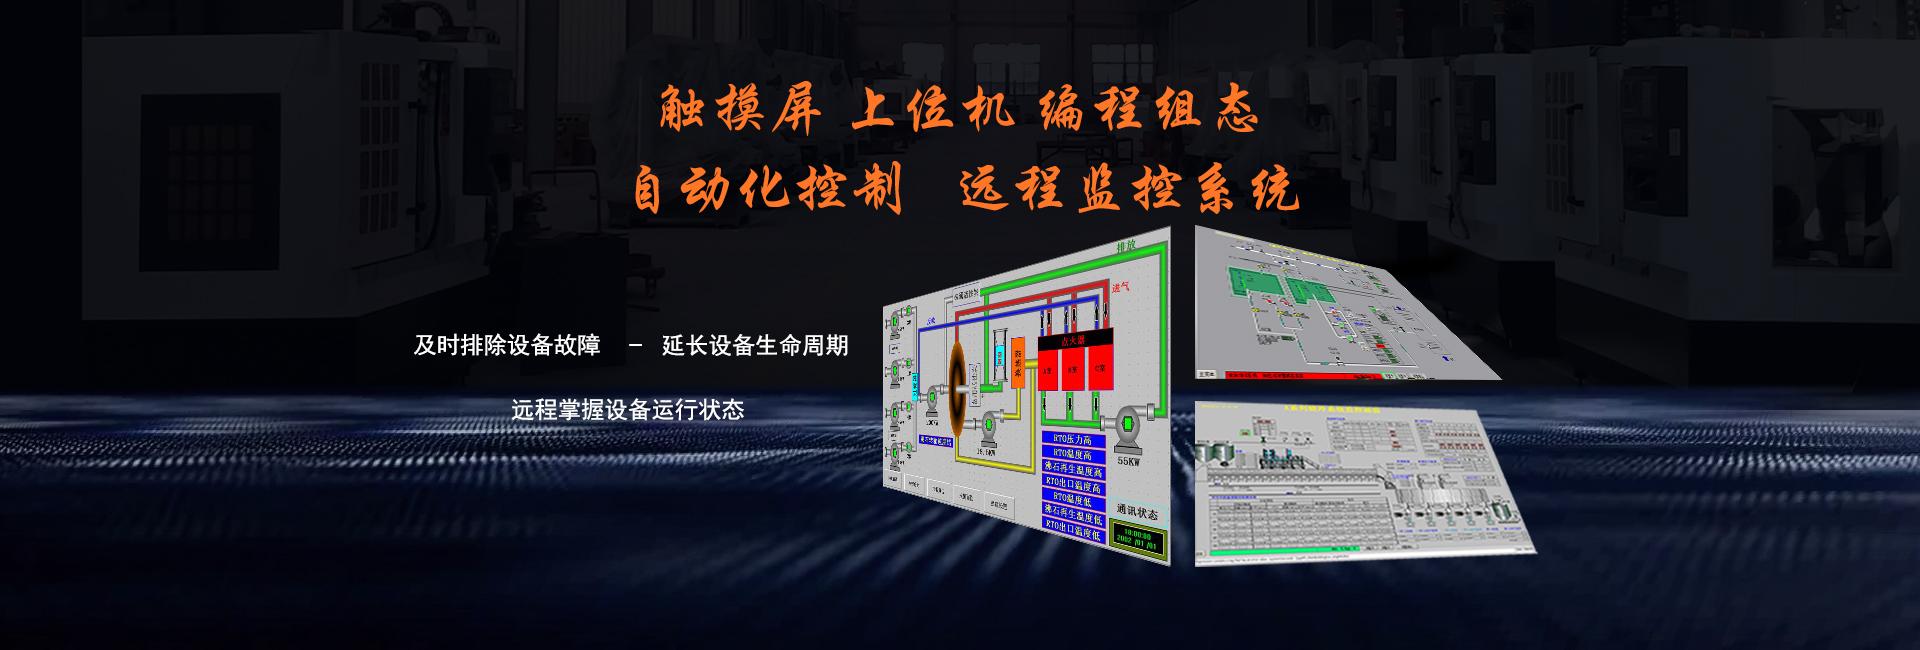 编程组态 自动化控制 远程监控系统